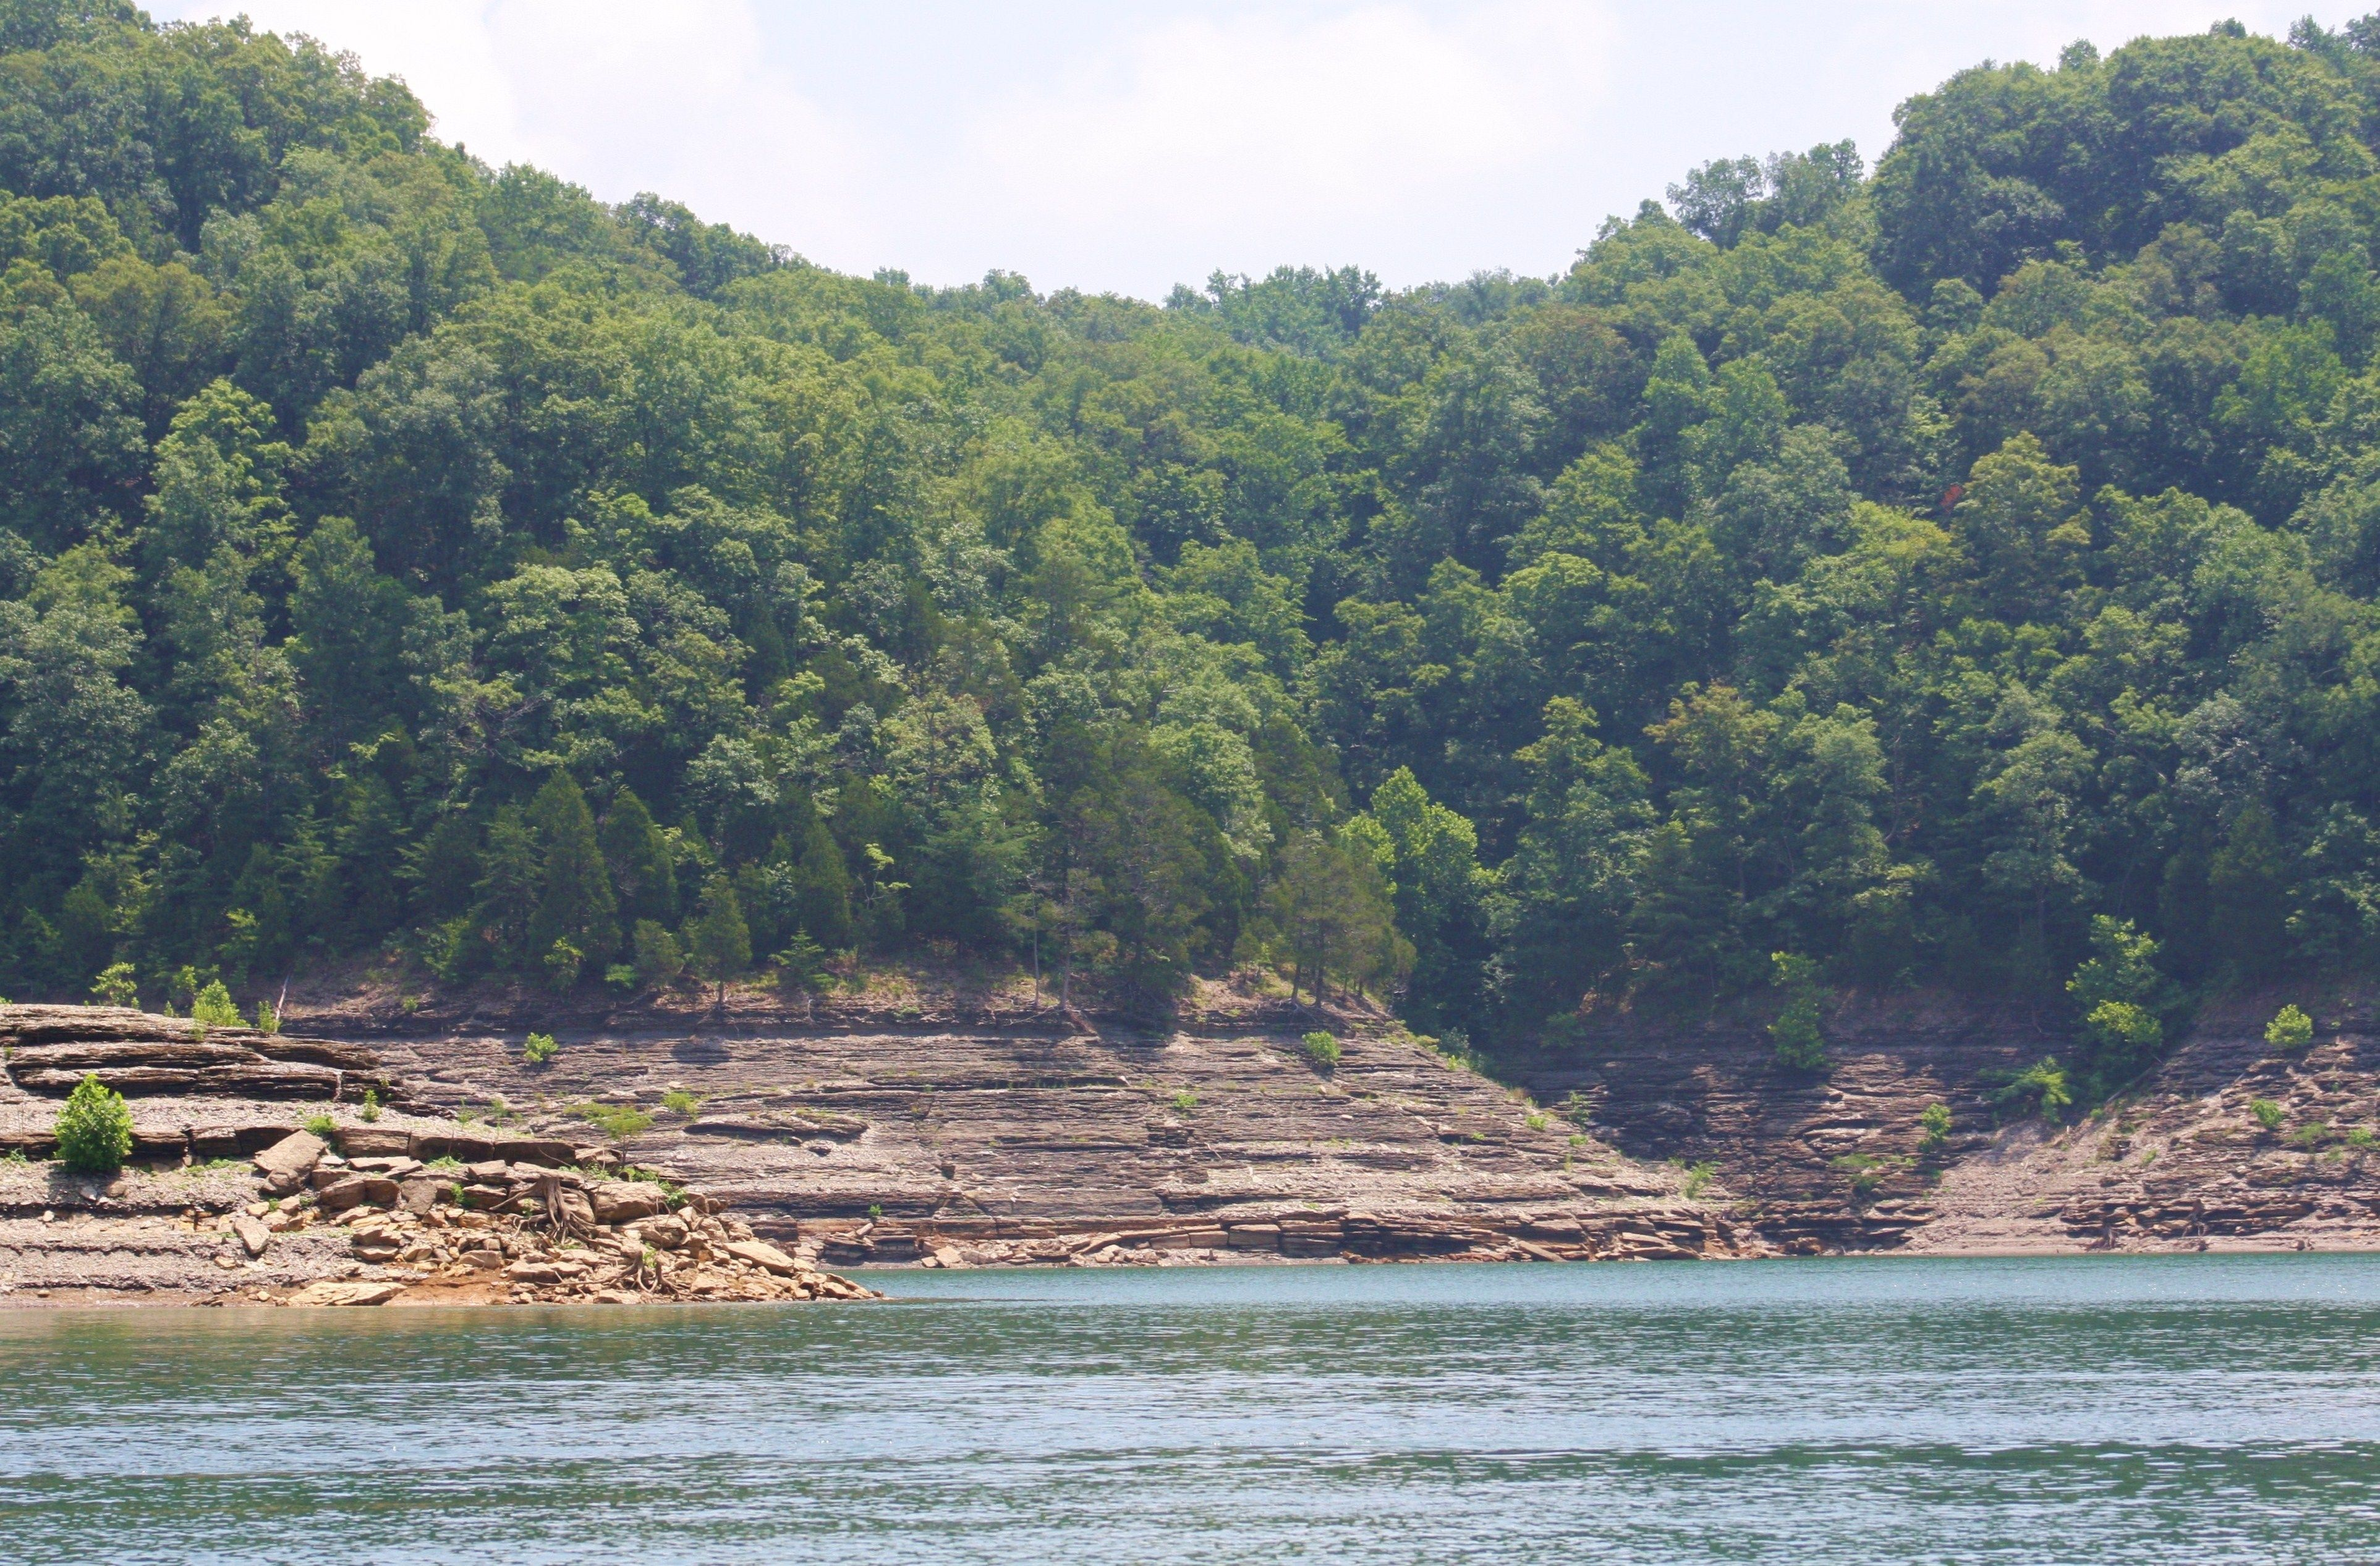 Boating on Lake Cumberland